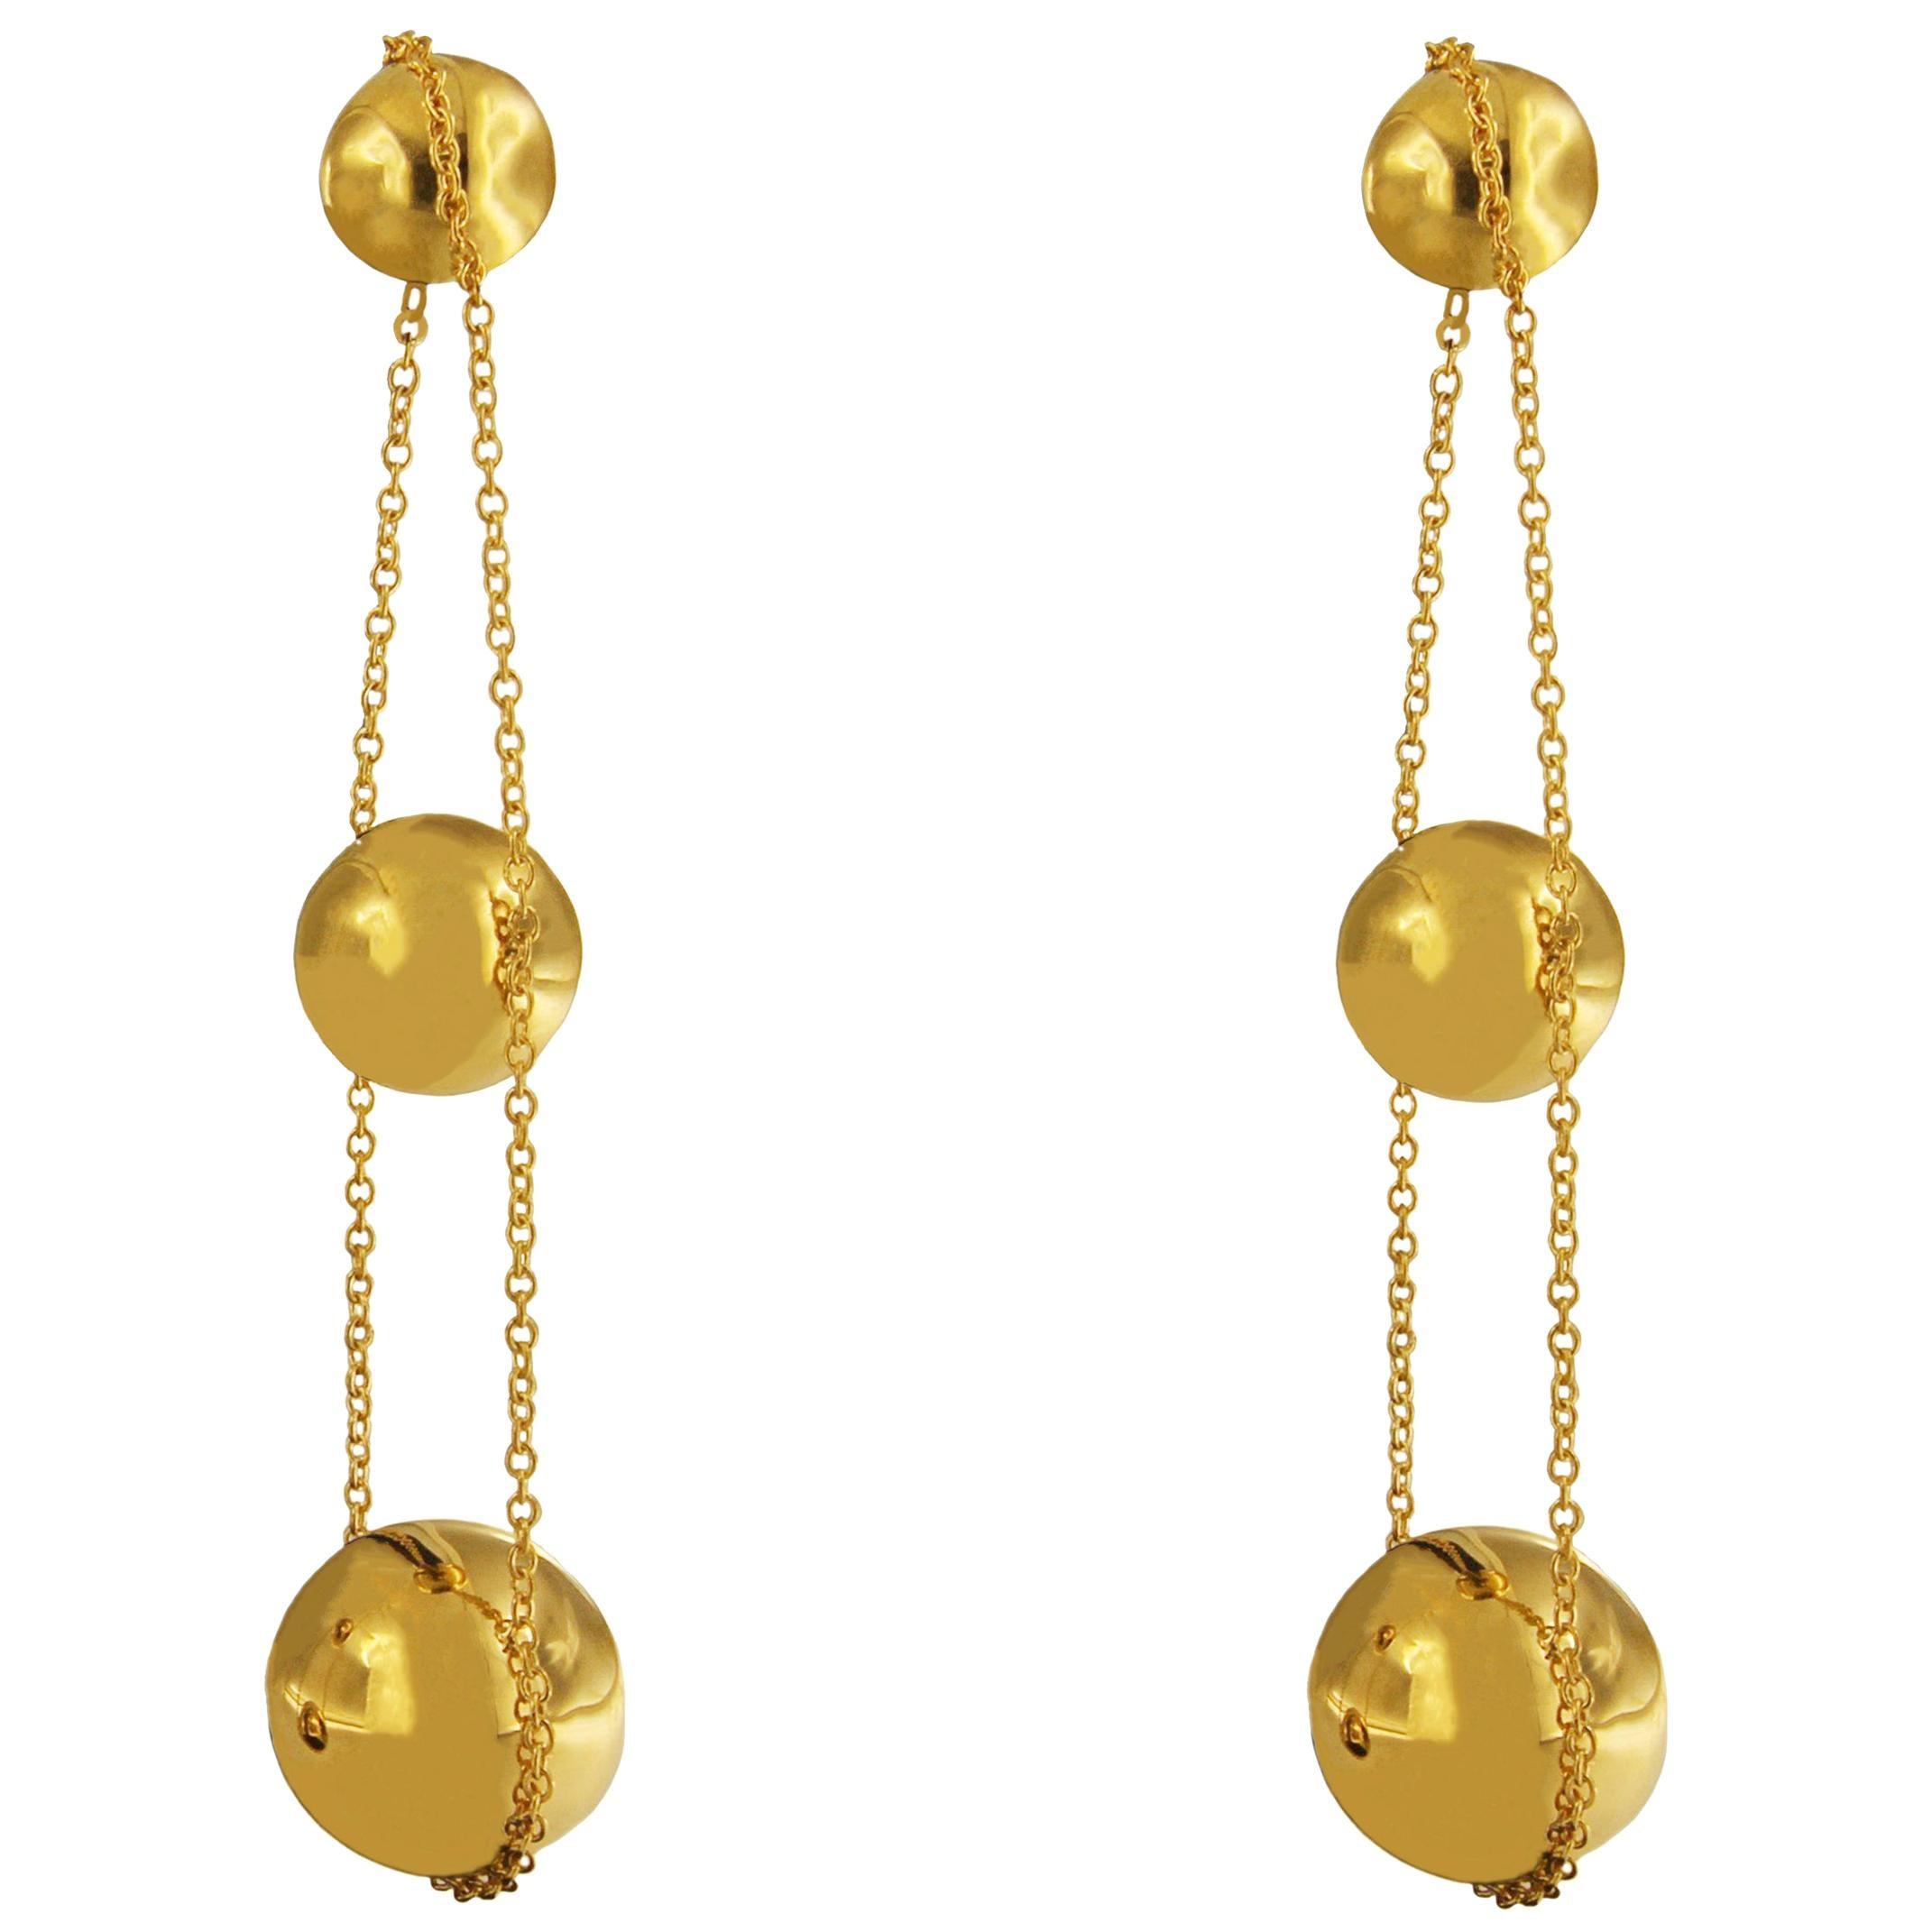 Tiffany & Co. Yellow Gold Triple Drop Earrings